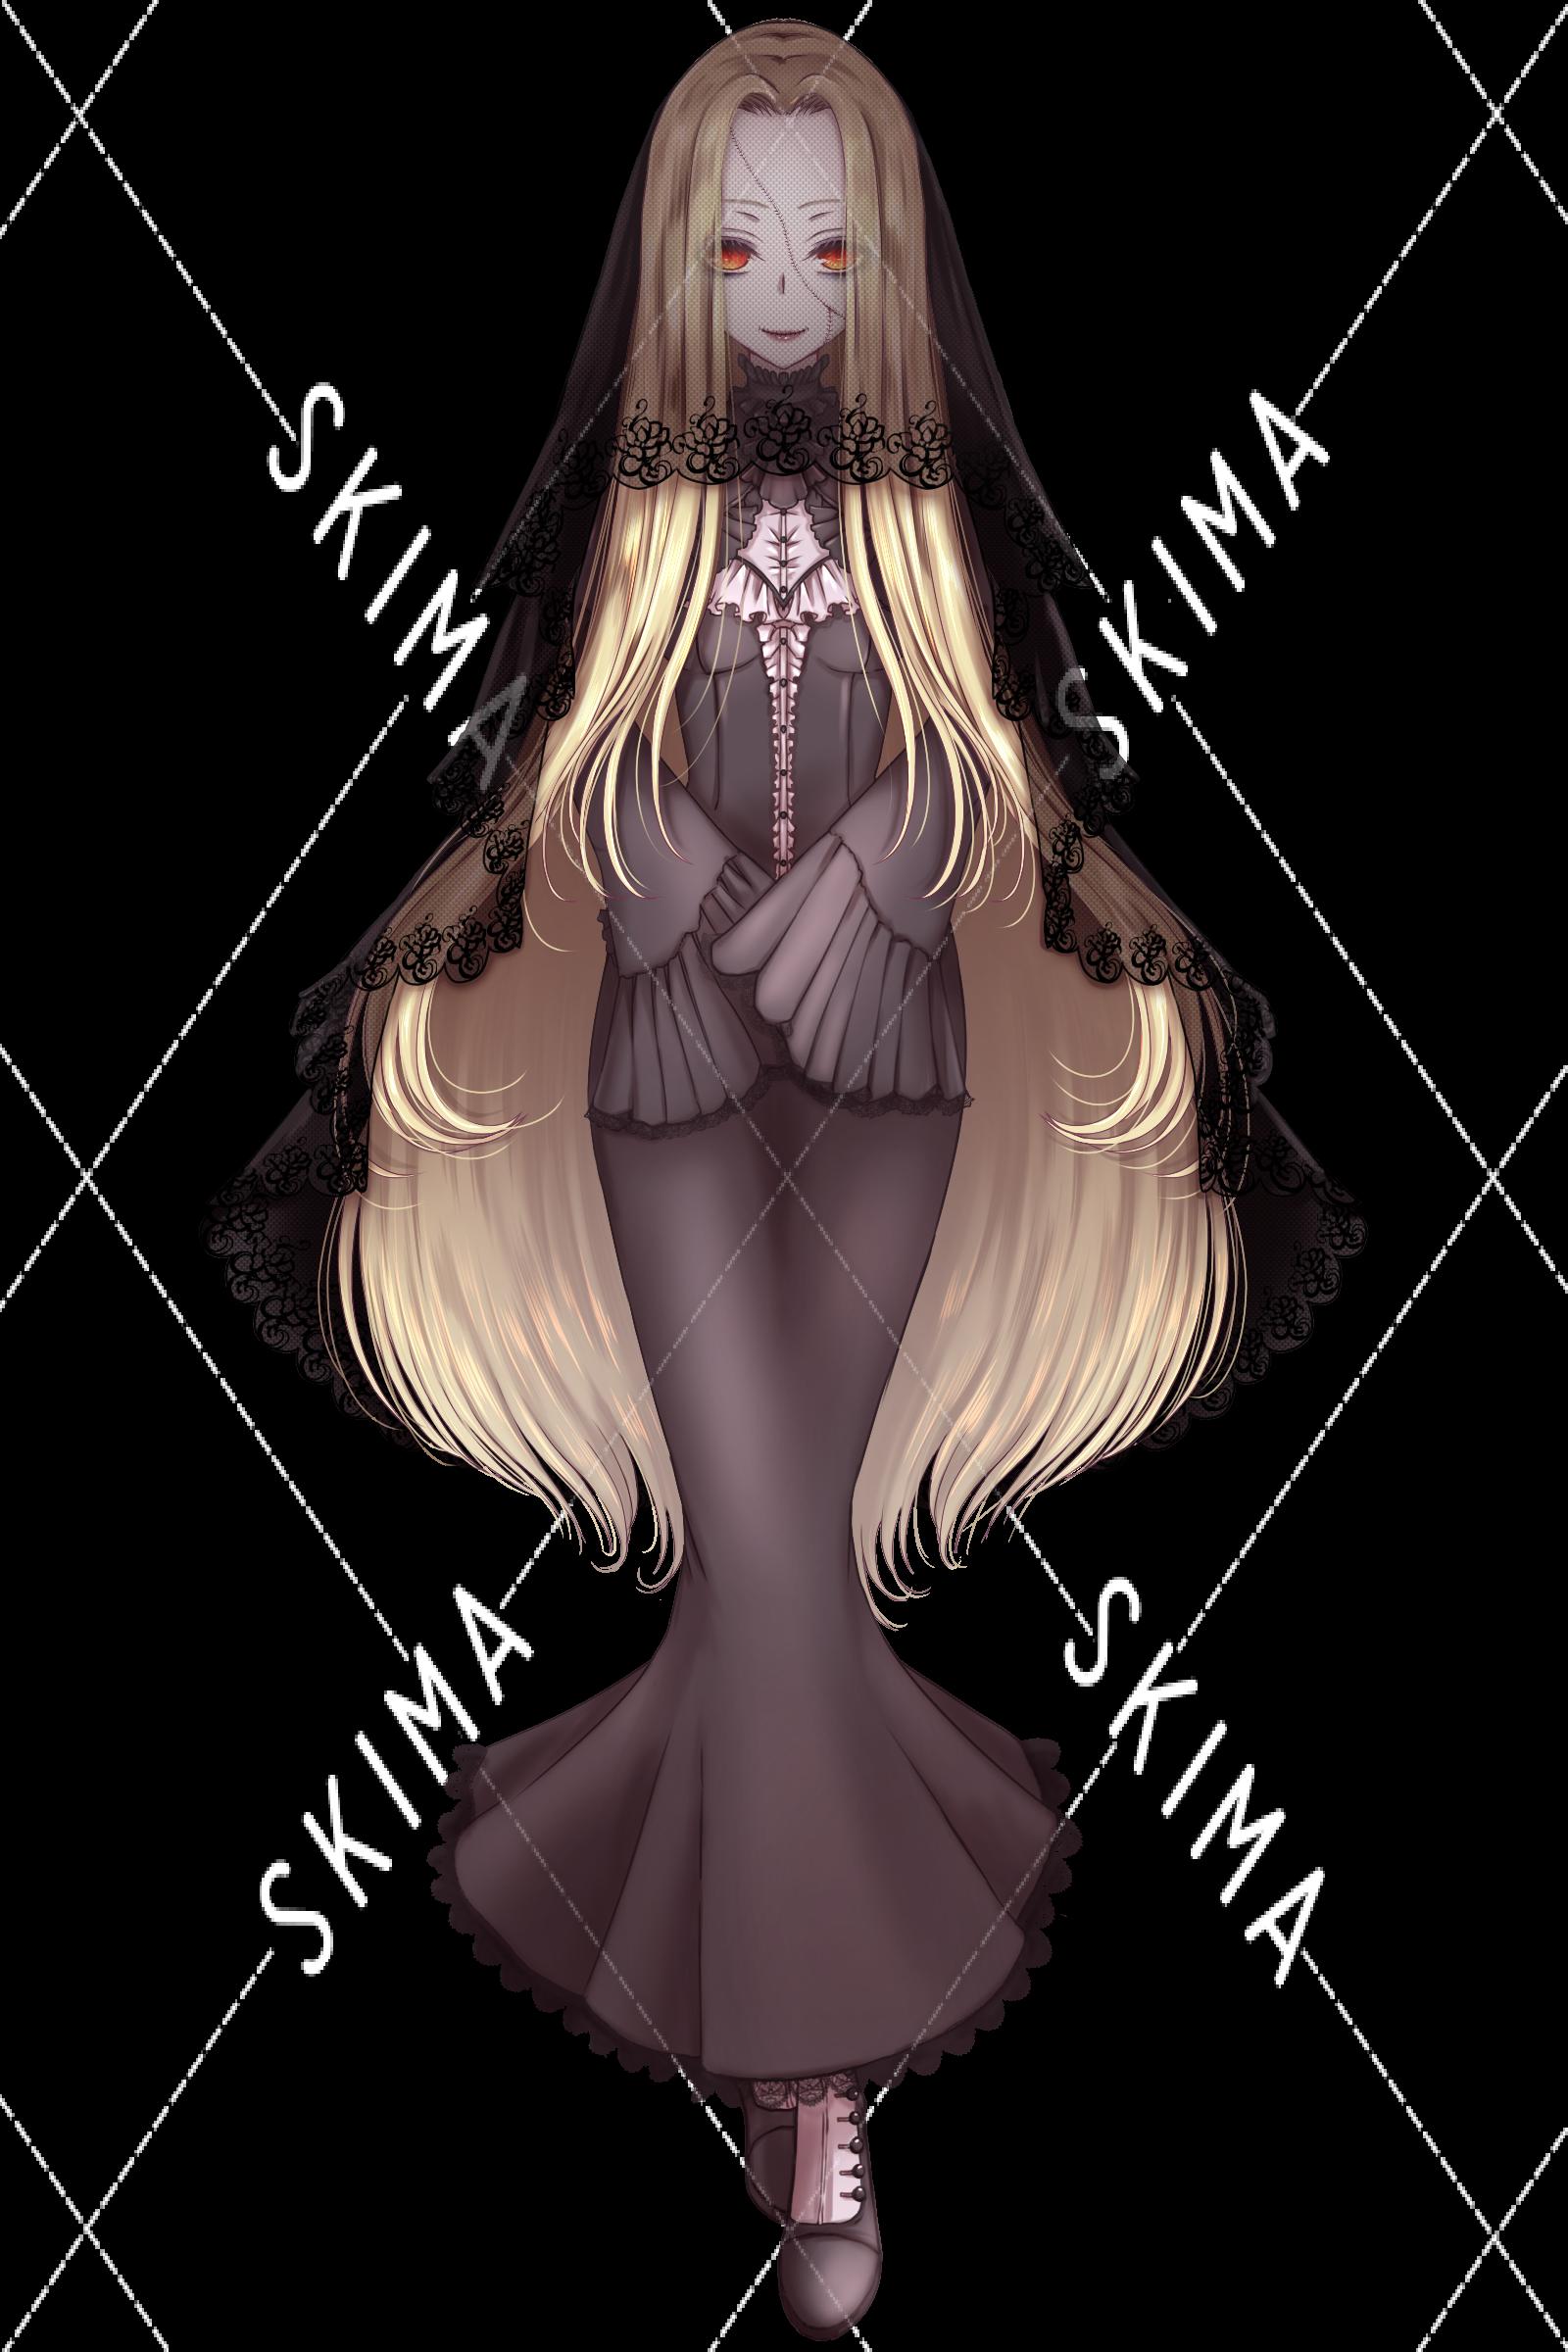 立ち絵 ゾンビちゃん 表情差分5種類 差分2種 スキマ スキルのオーダーメイドマーケット Skima